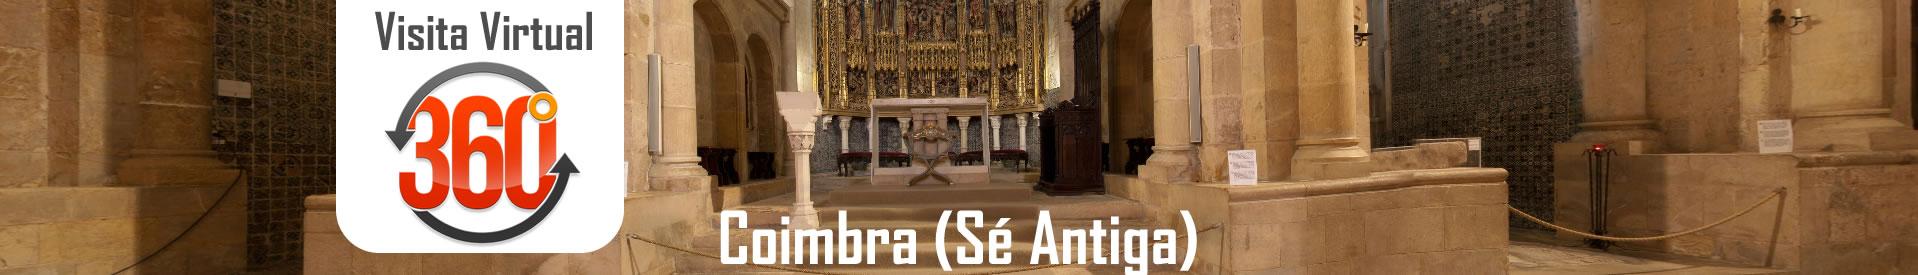 360 Coimbra sé antiga